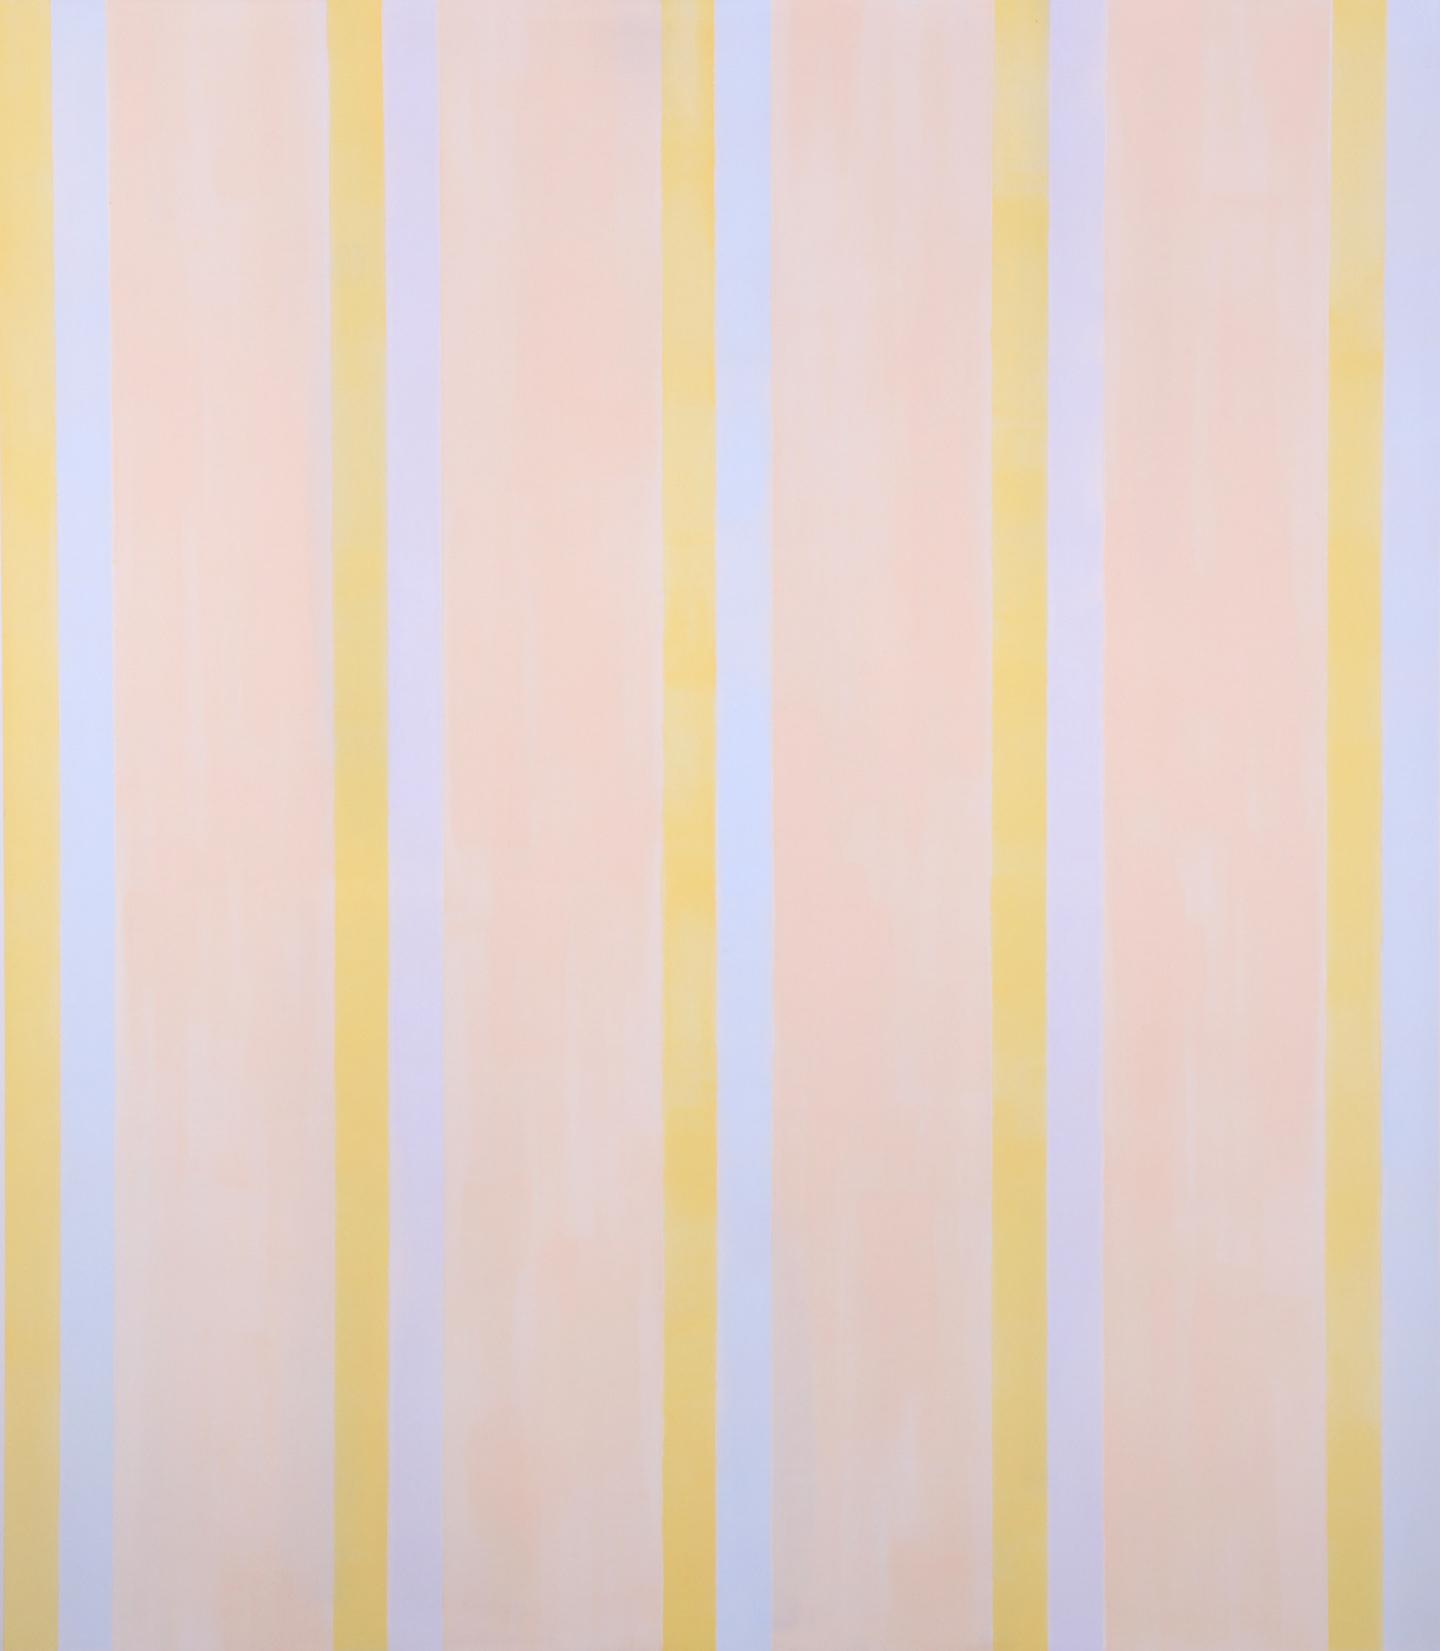 Everything, Again (2012), acrylic on canvas, 90